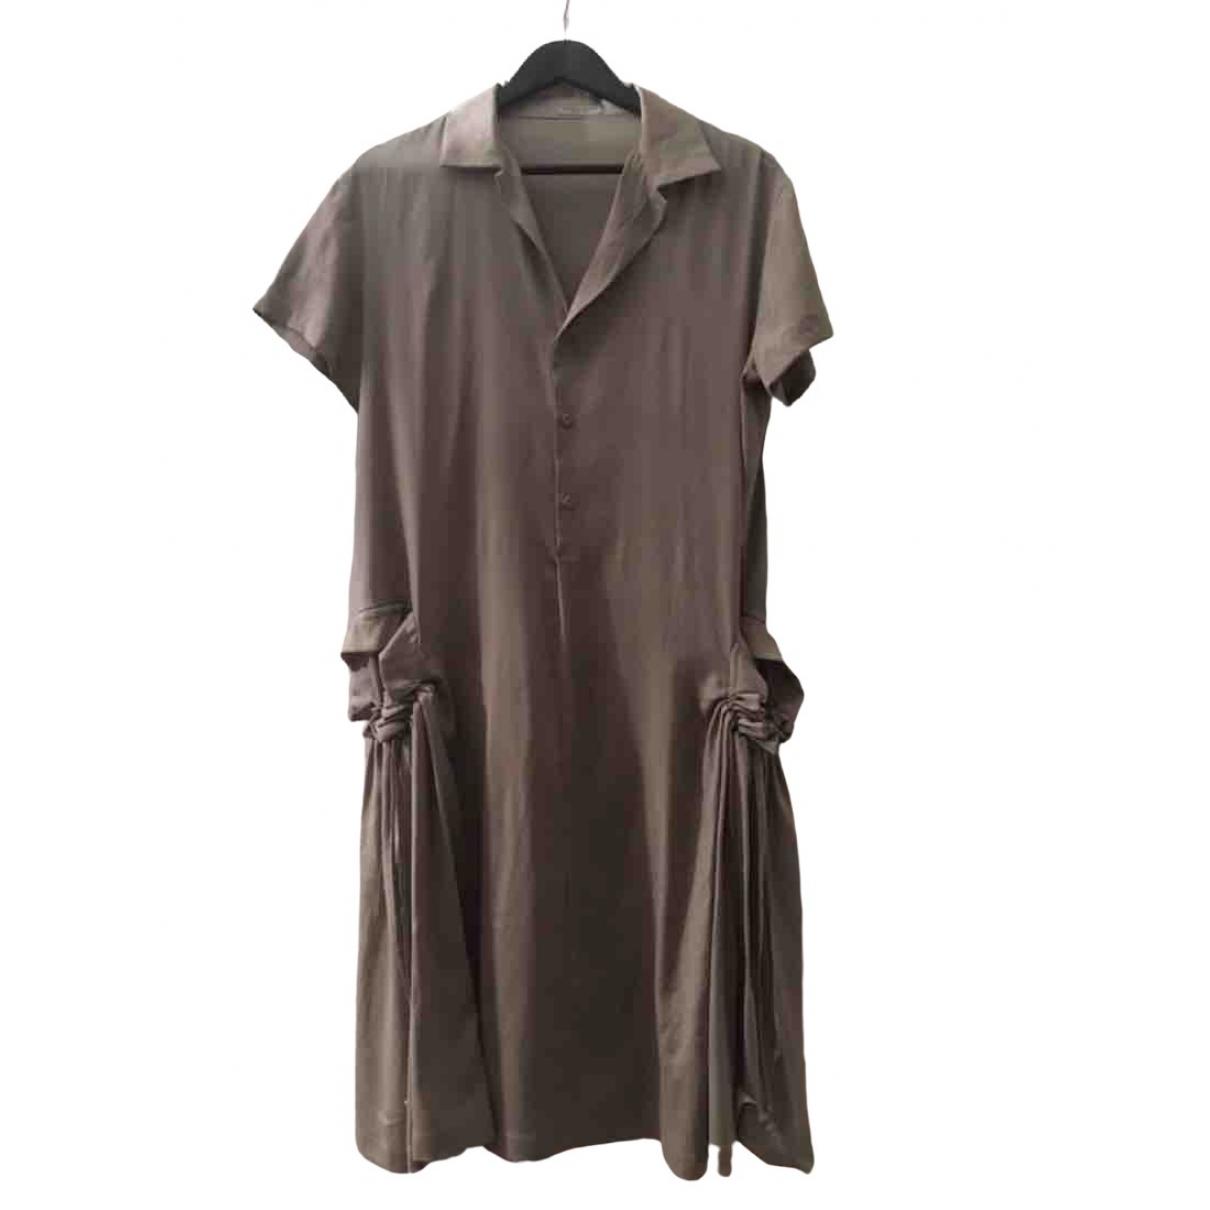 Bottega Veneta \N Beige dress for Women 40 FR